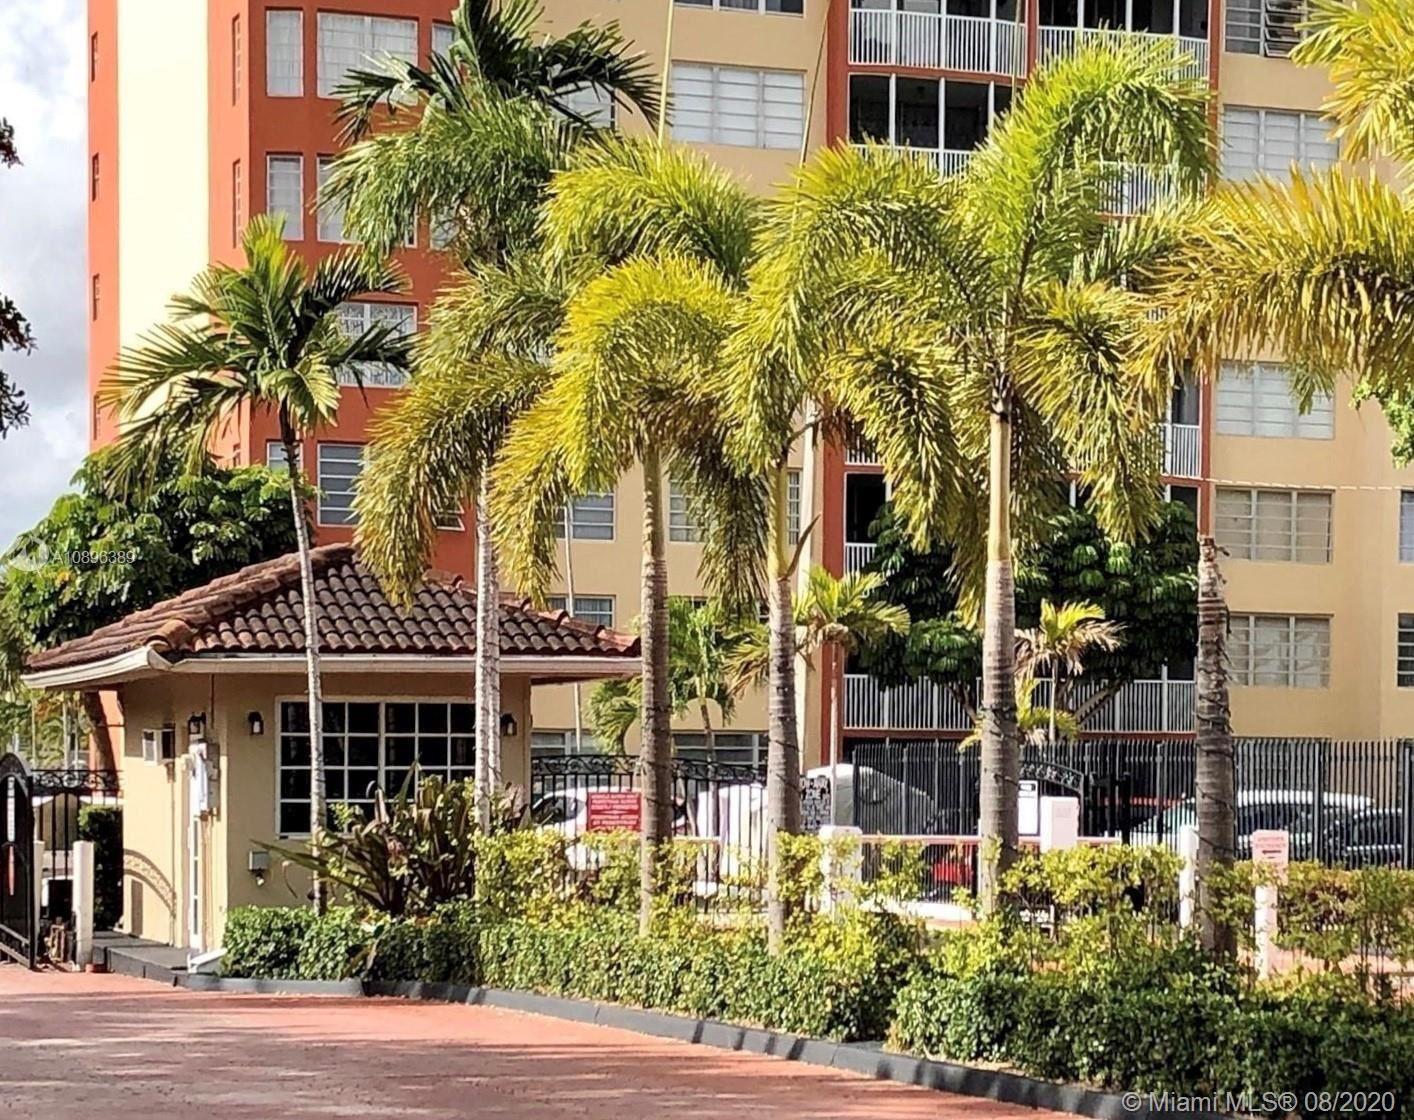 1660 NE 191st St #410-1, Miami, FL 33179 - #: A10896389